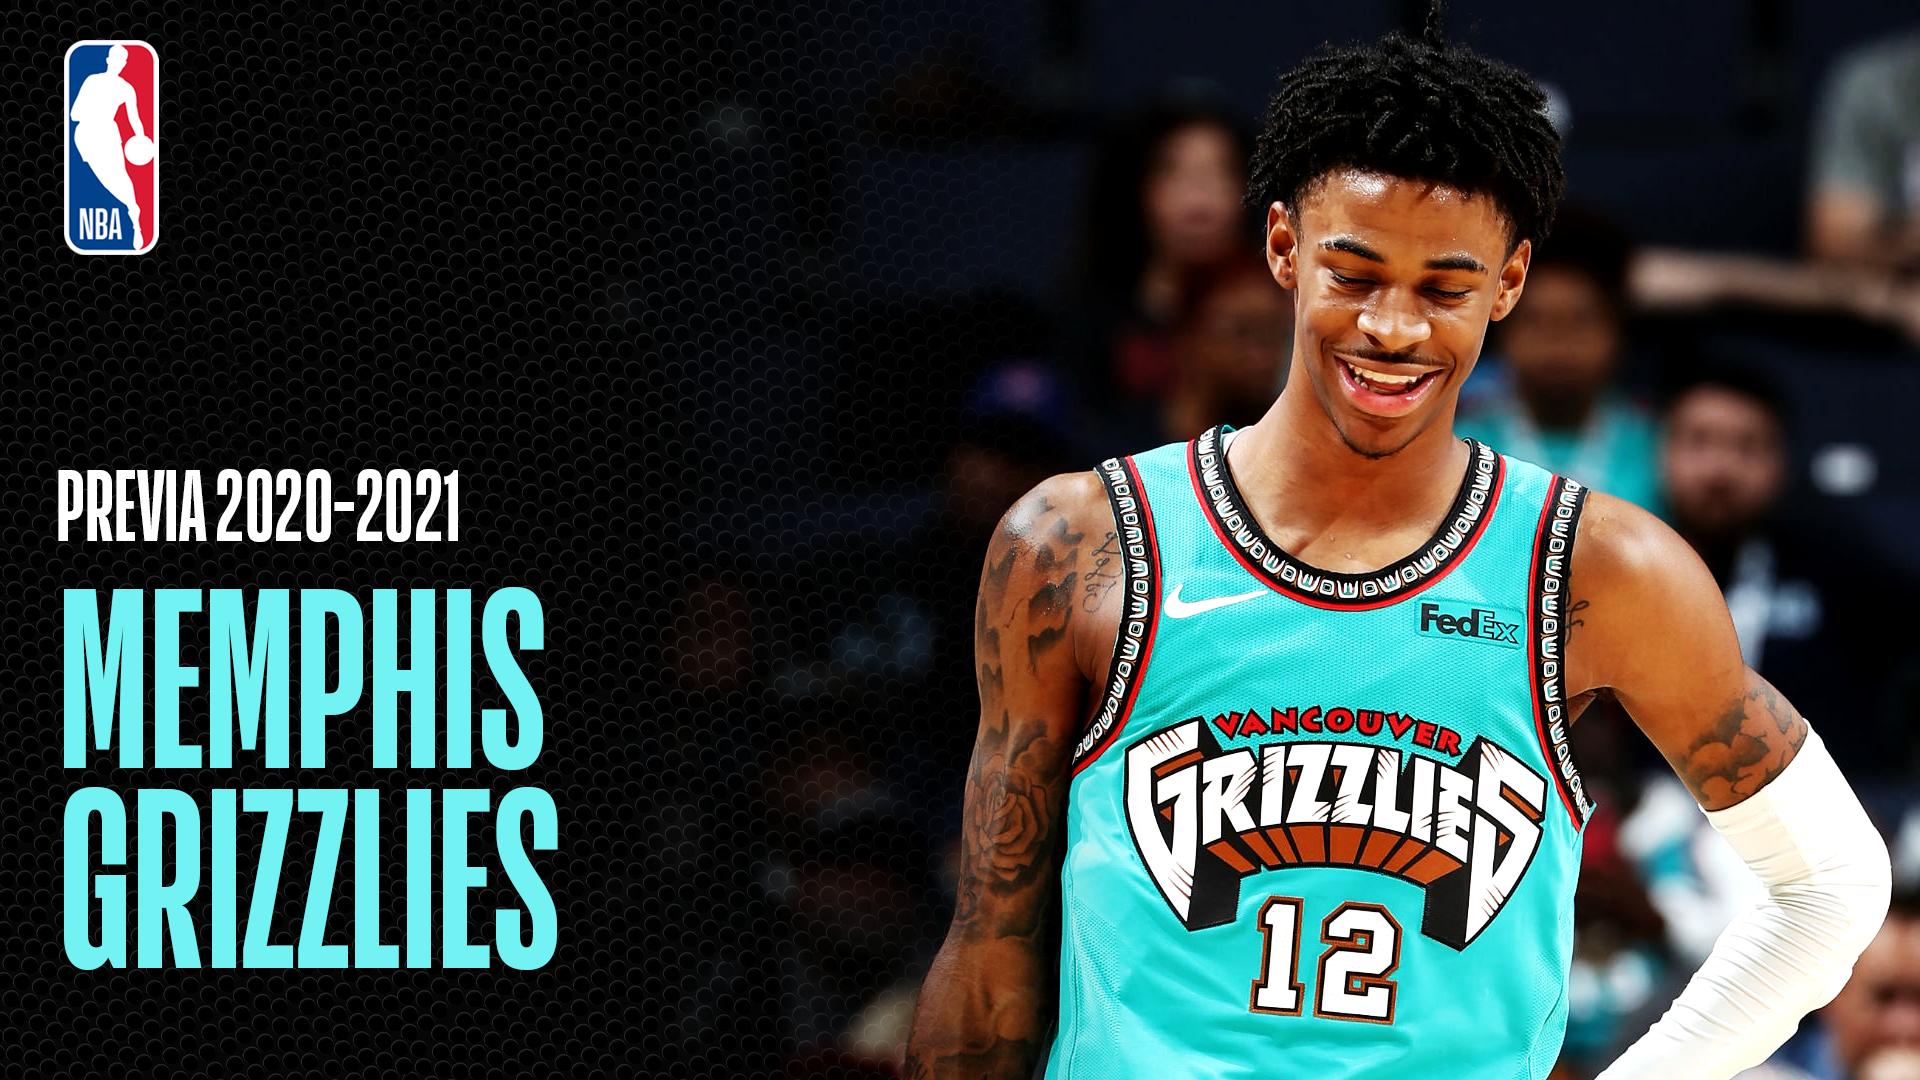 Previa de Memphis Grizzlies: plantilla, rotación, figuras ...